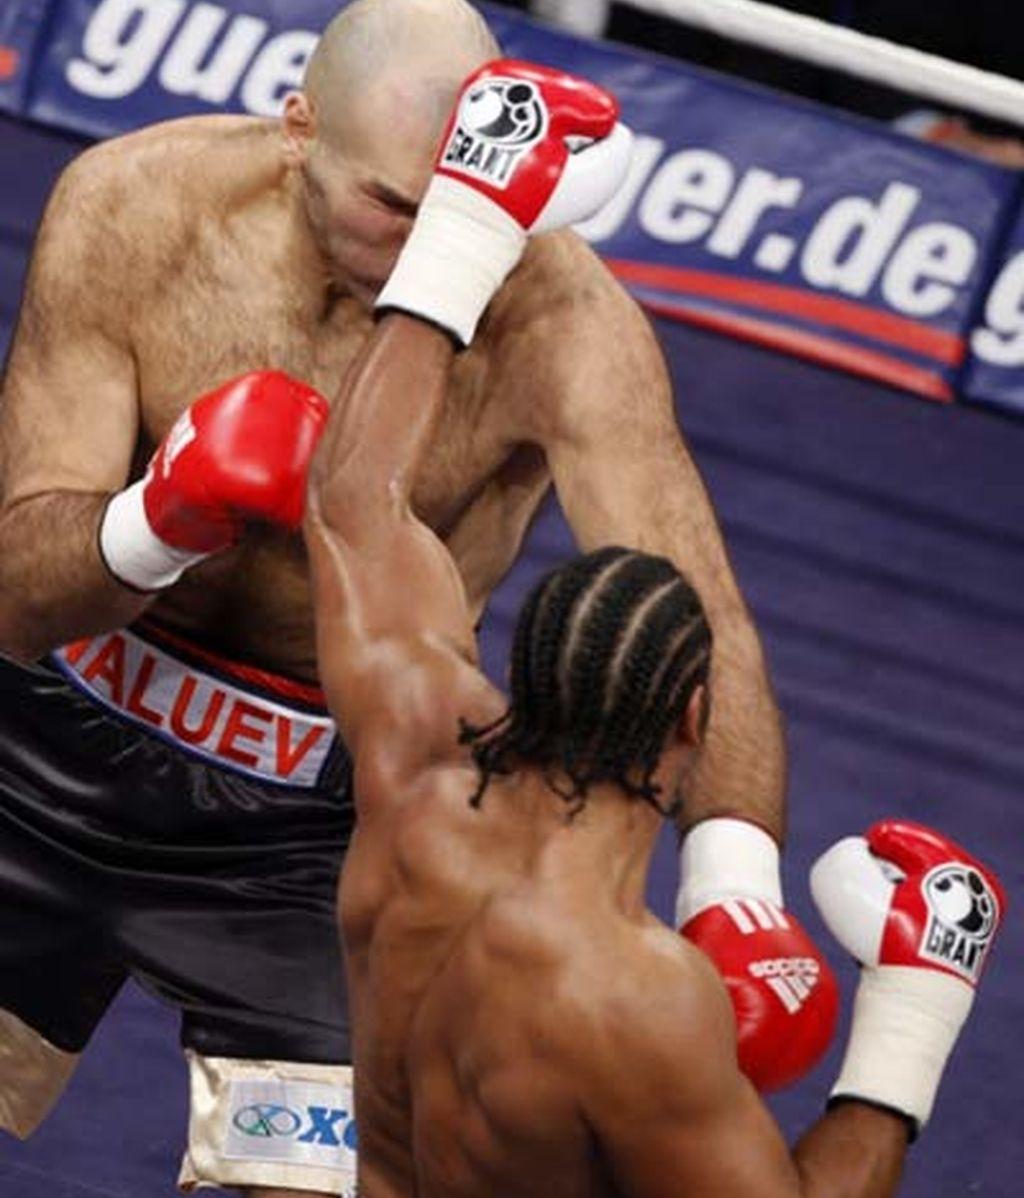 El ruso trató de forzar a una pelea en corto